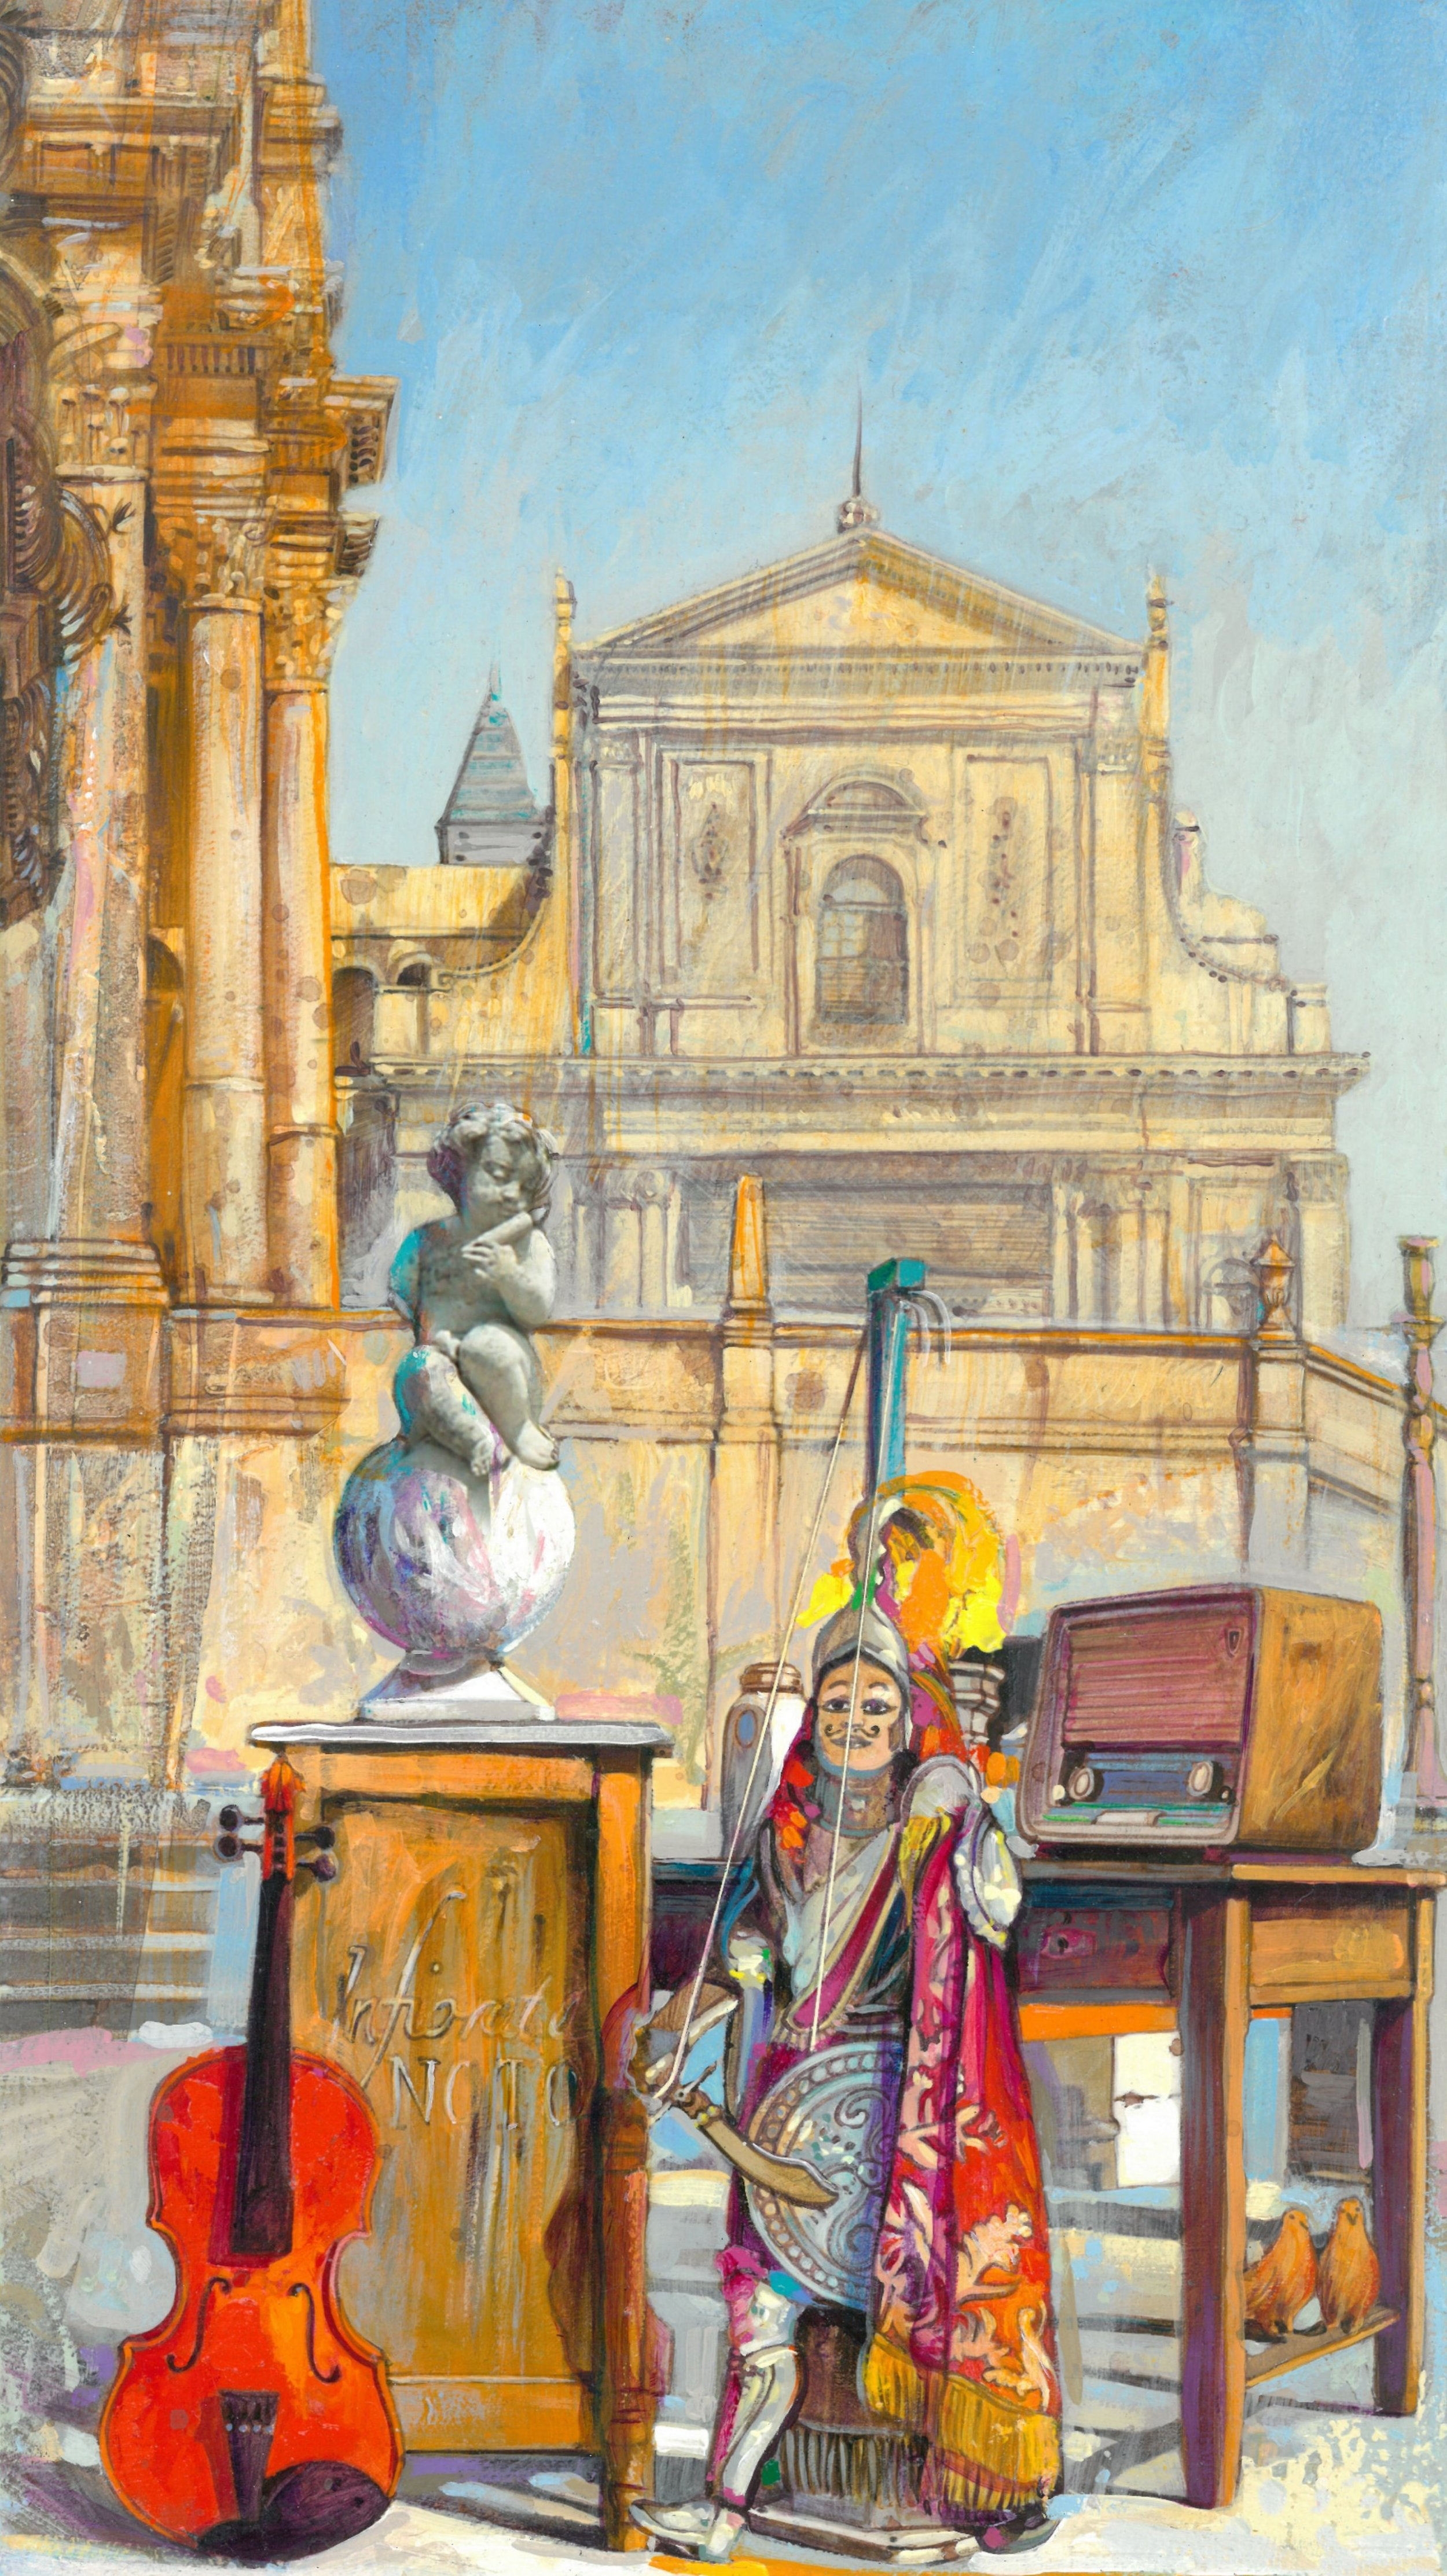 Noto via Nicolaci. Acrilico su tavola. 25x50 cm.jpg